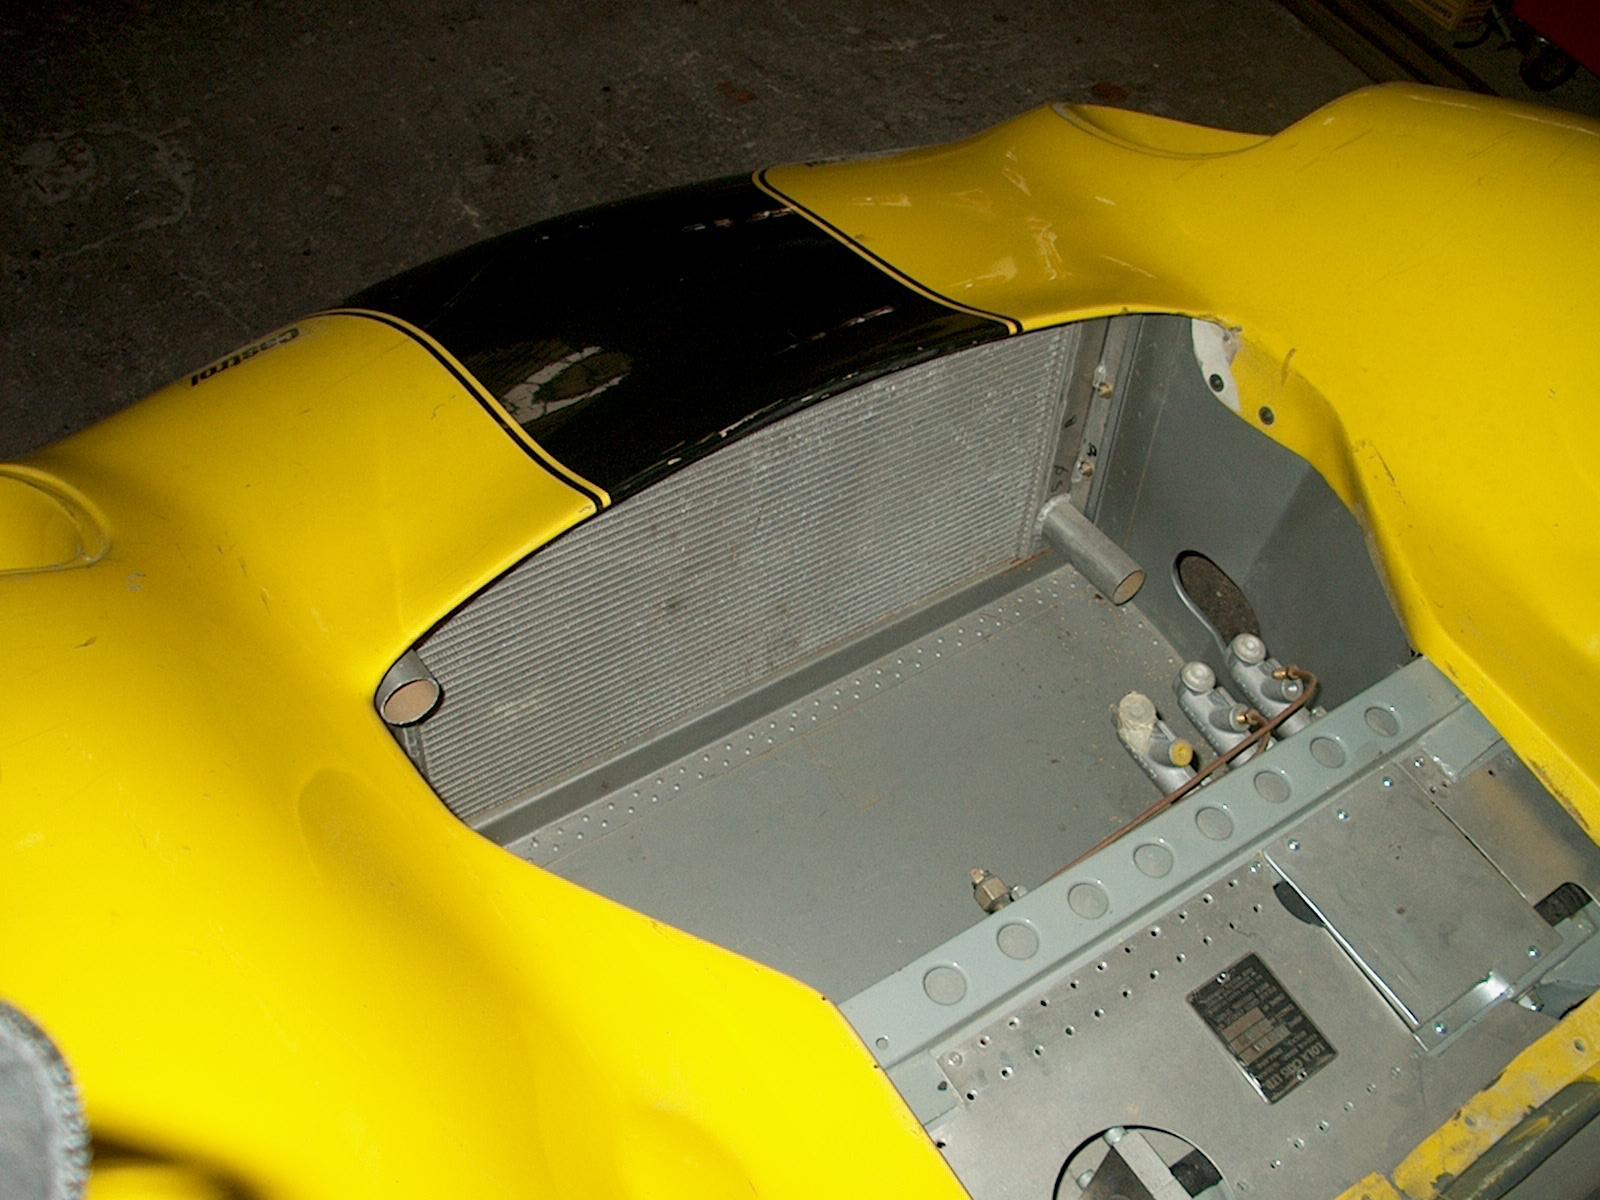 Lola T70 Mk1 #5